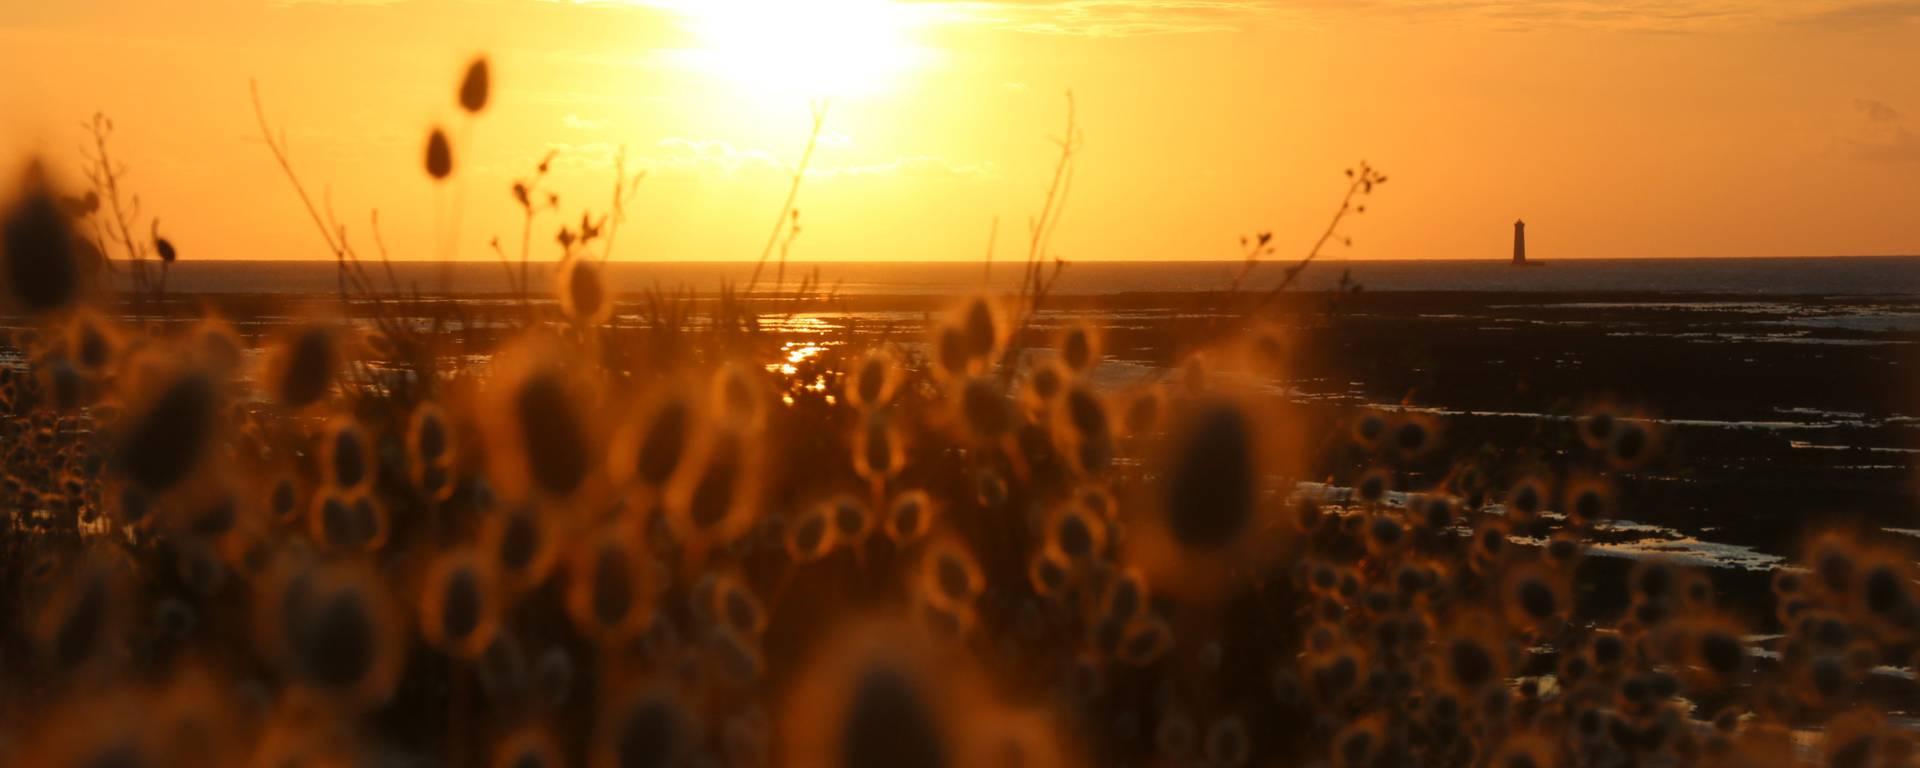 Coucher de soleil phare des baleines par lesley Williamson